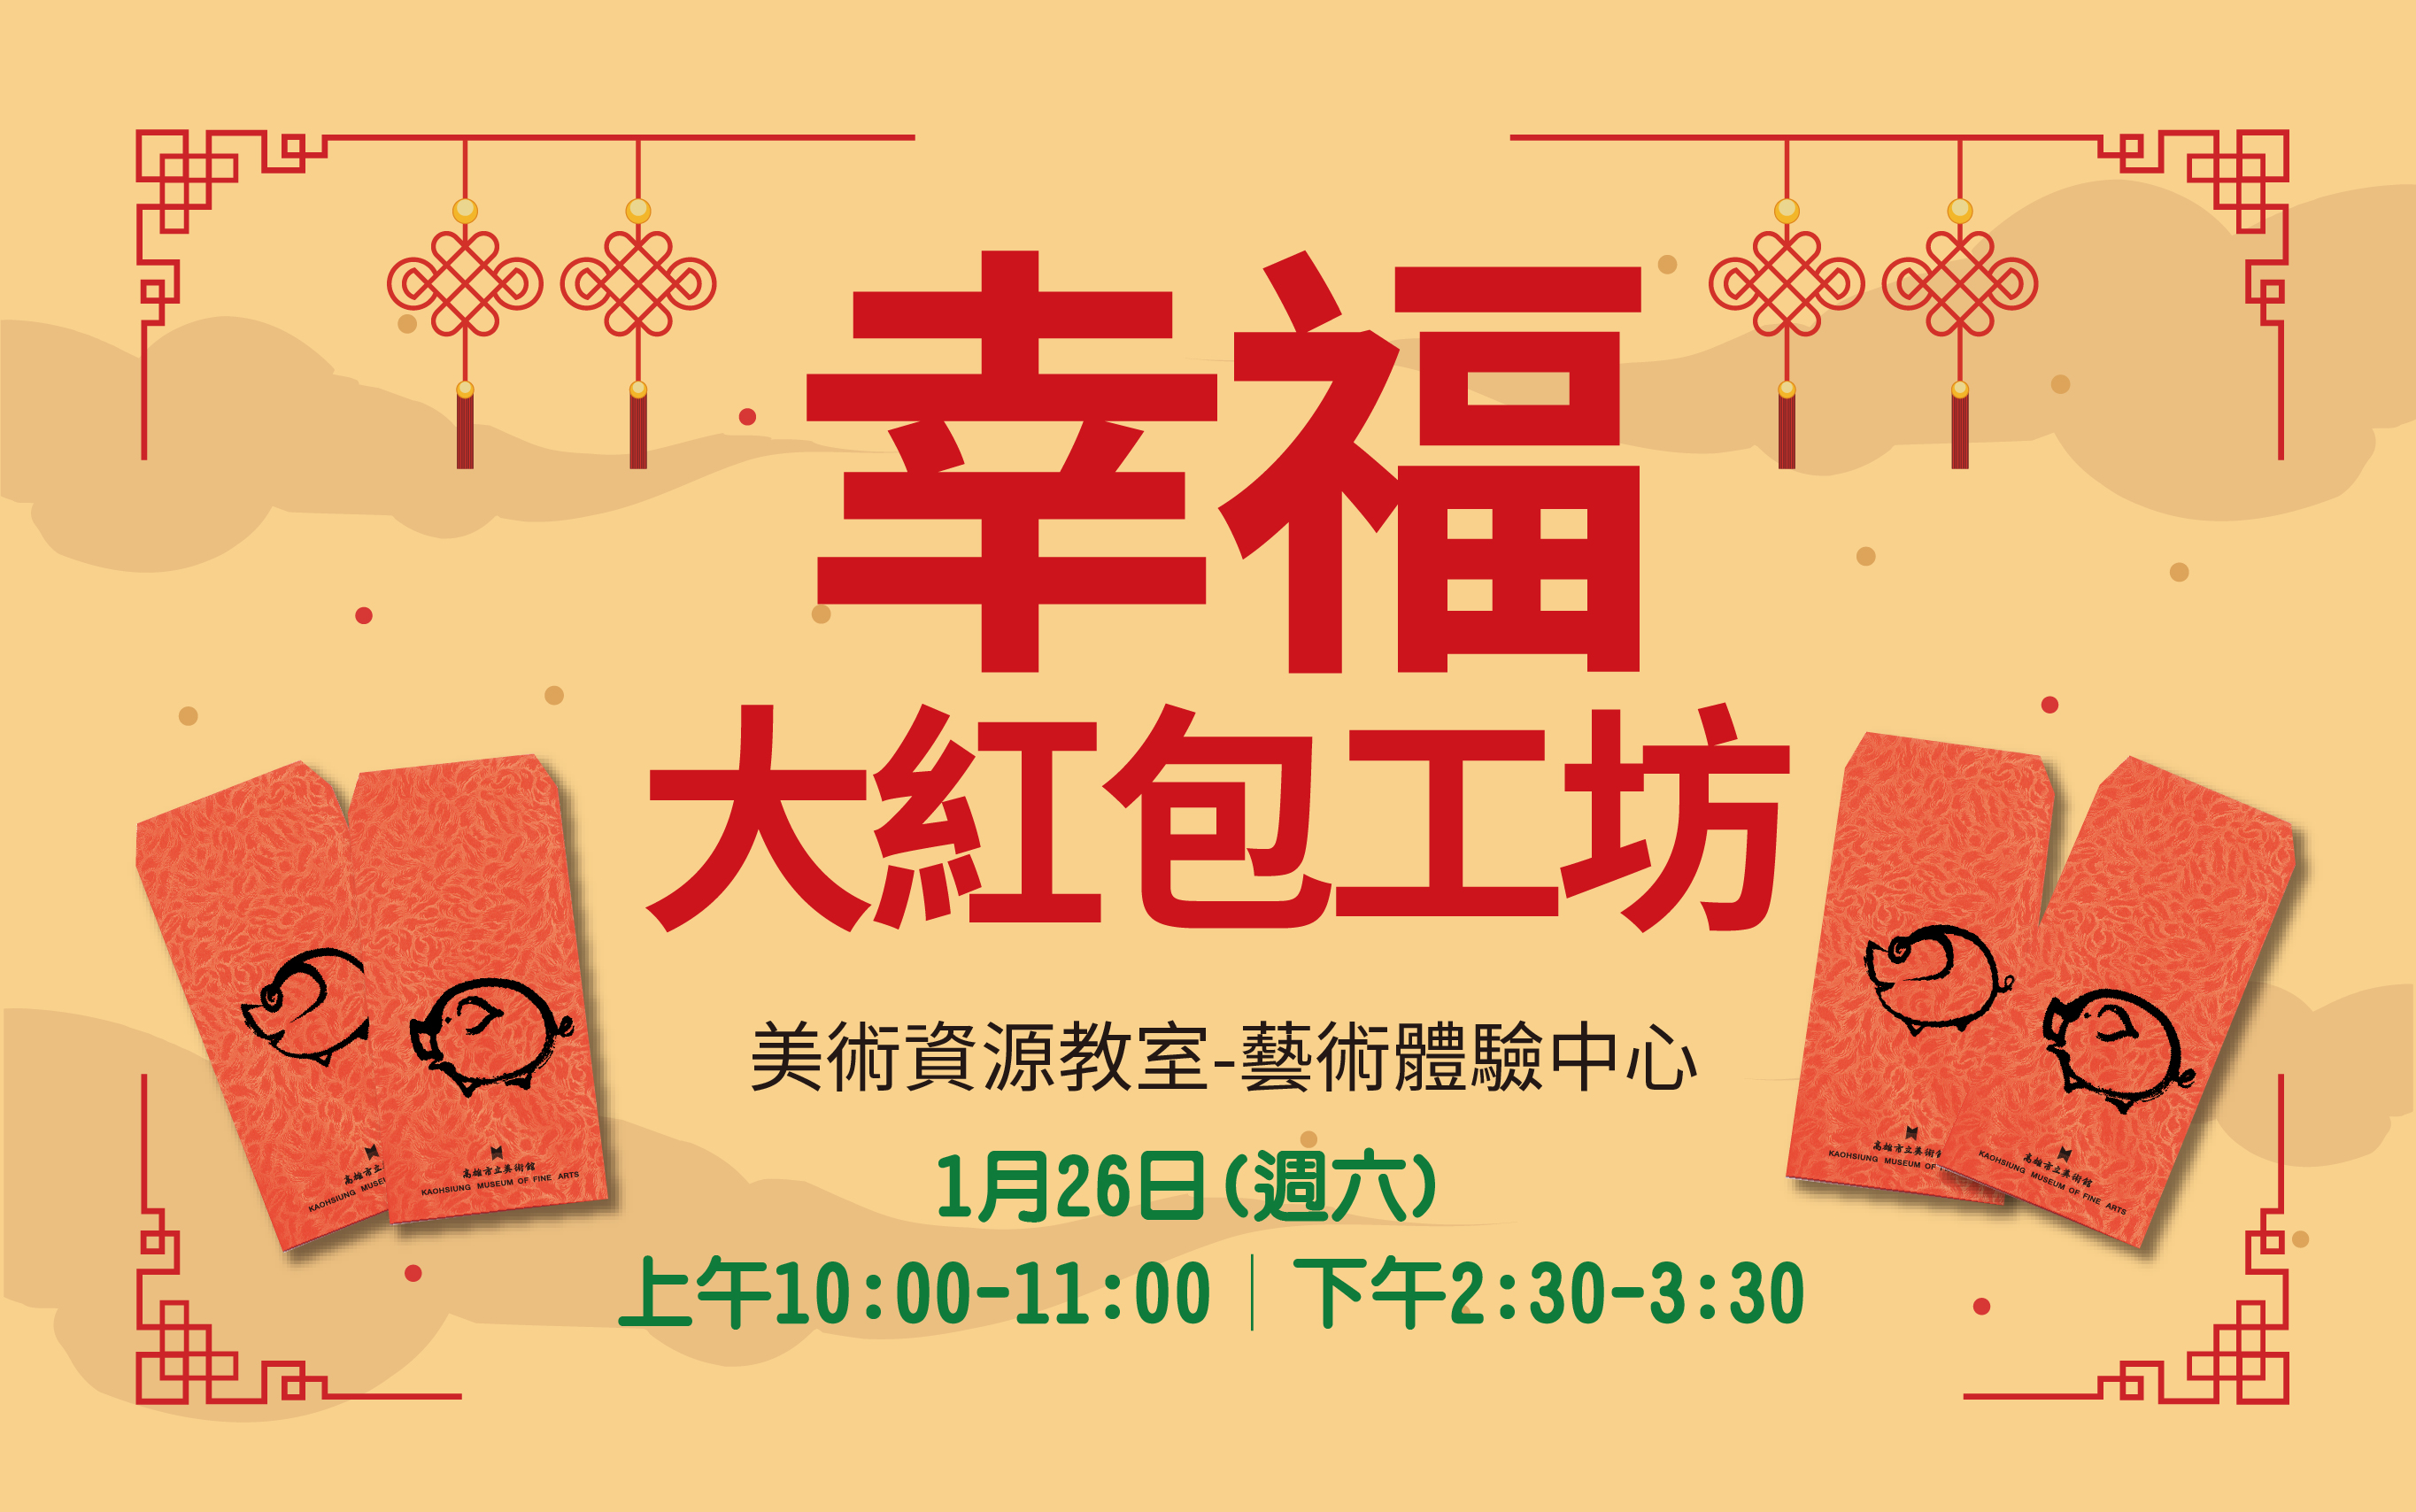 1月26日【幸福大紅包工坊】